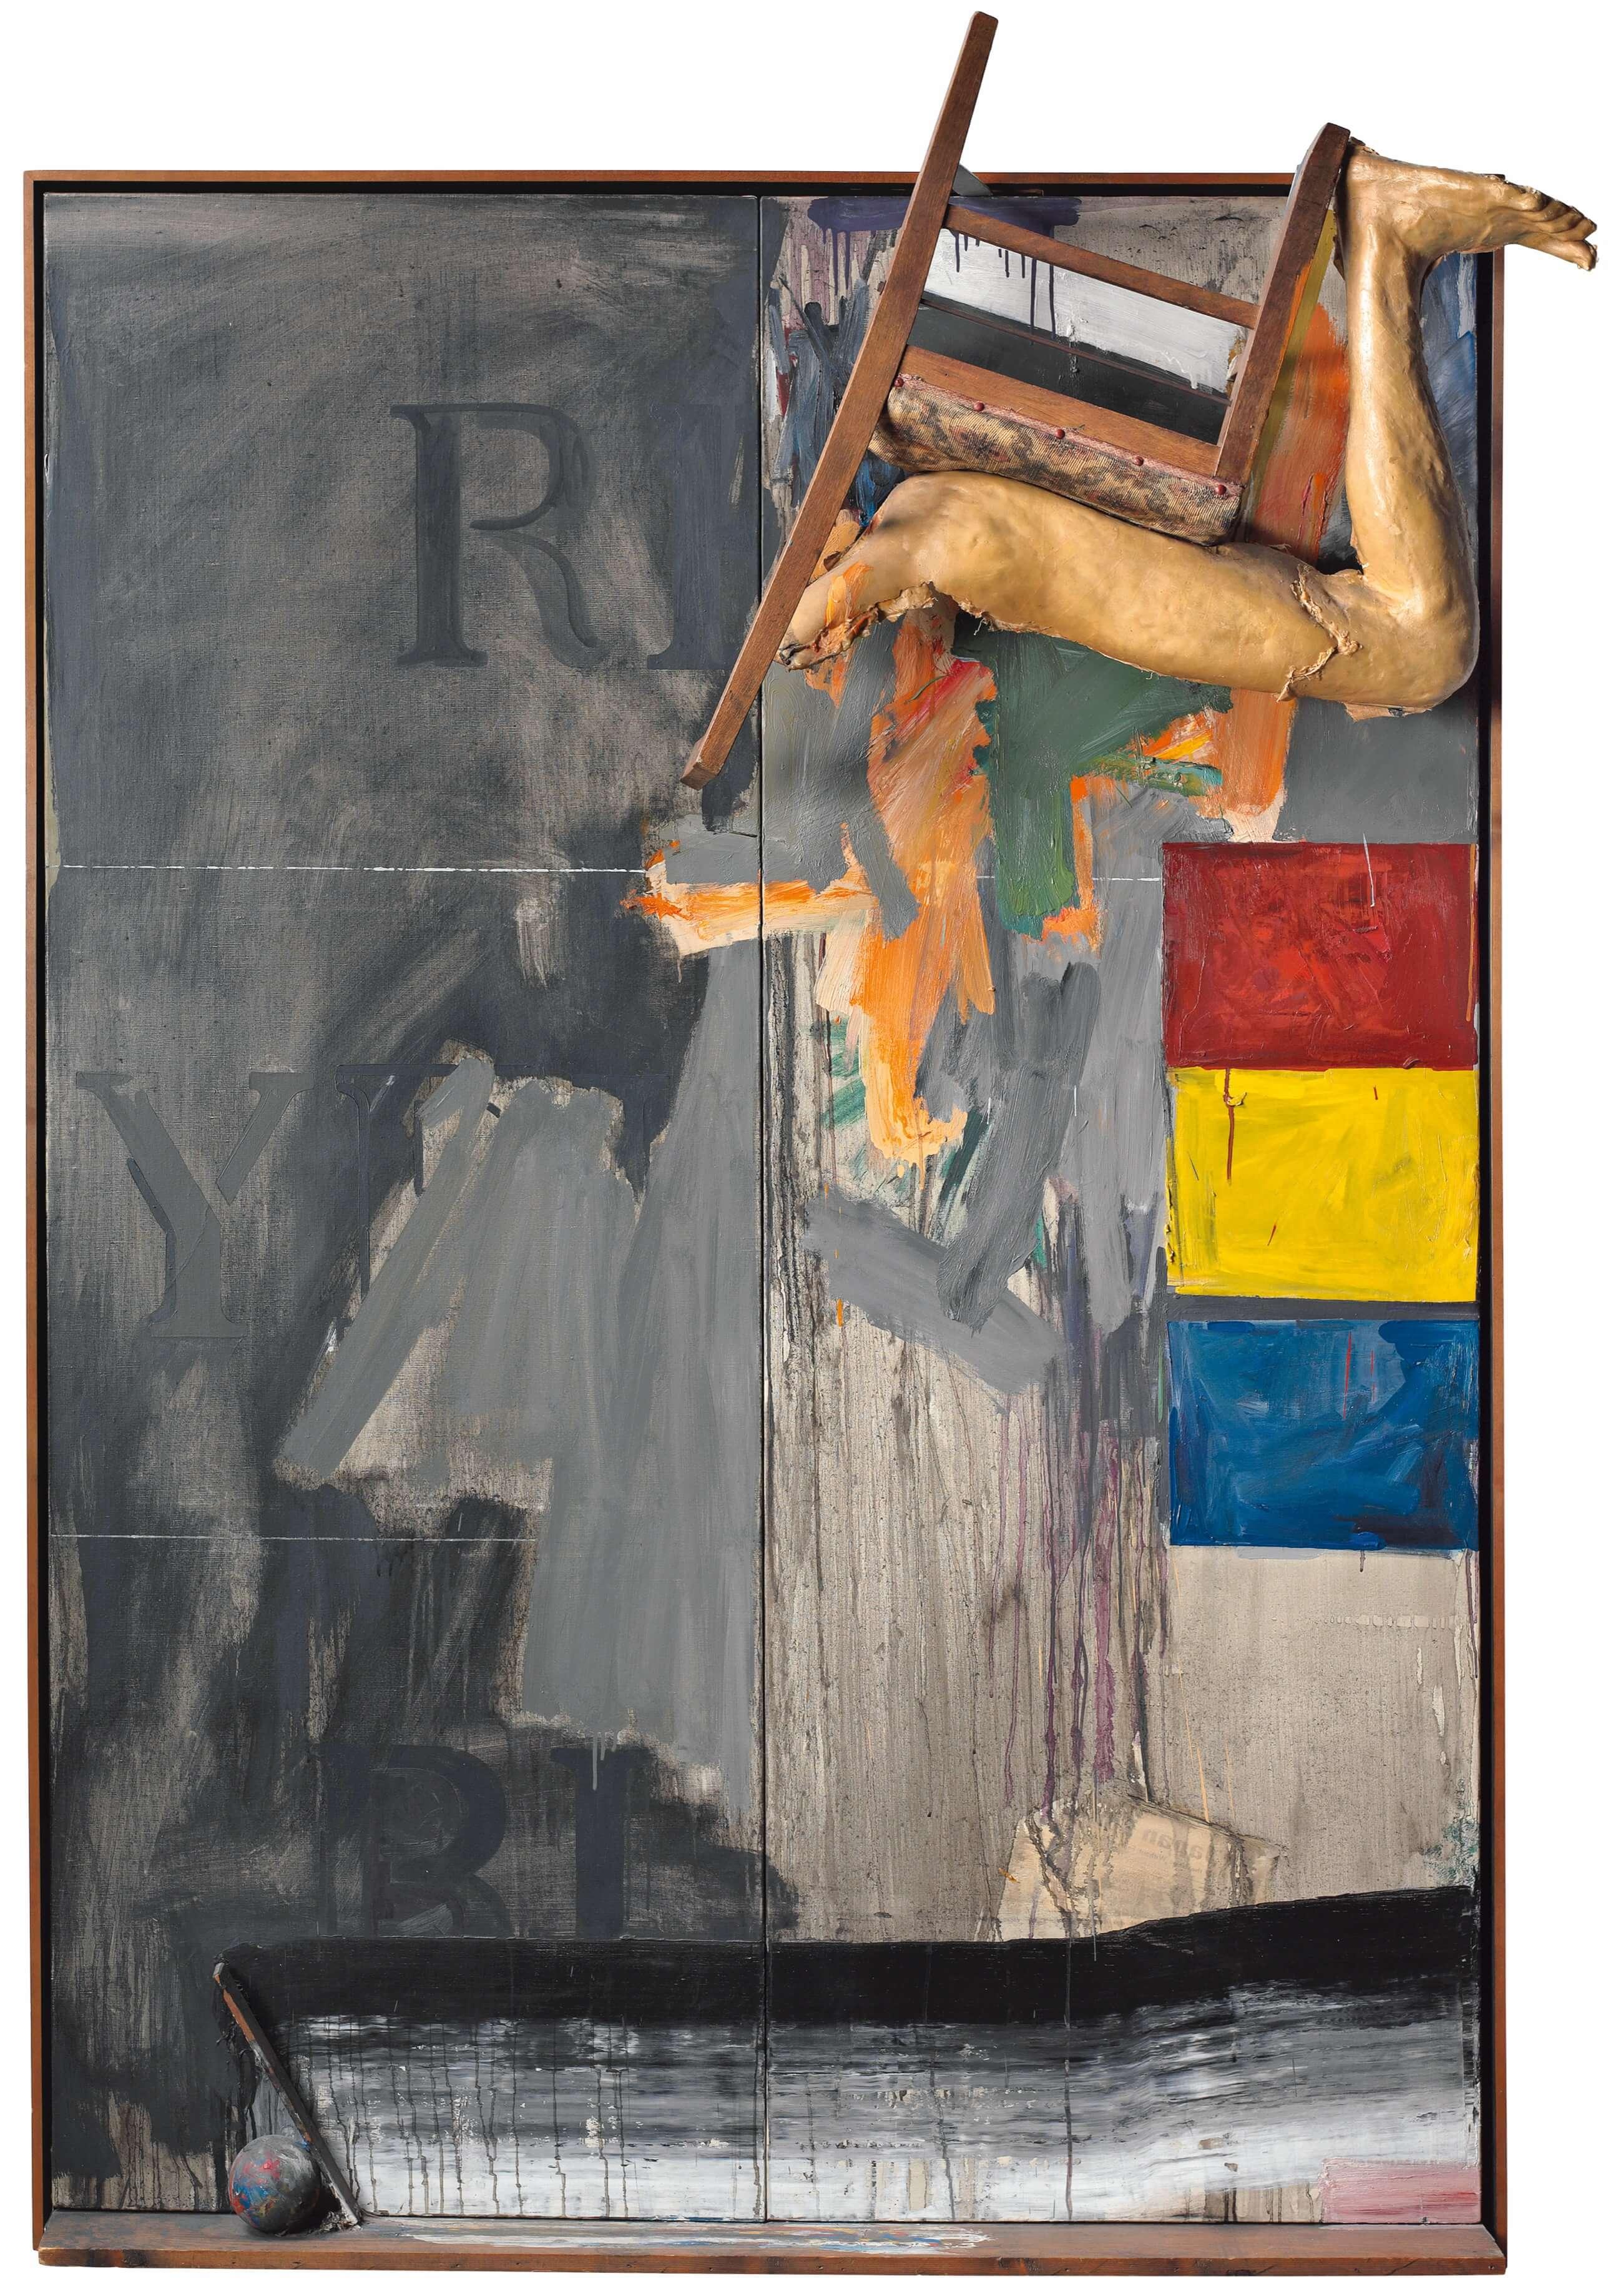 Watchman, 1964, by Jasper Johns